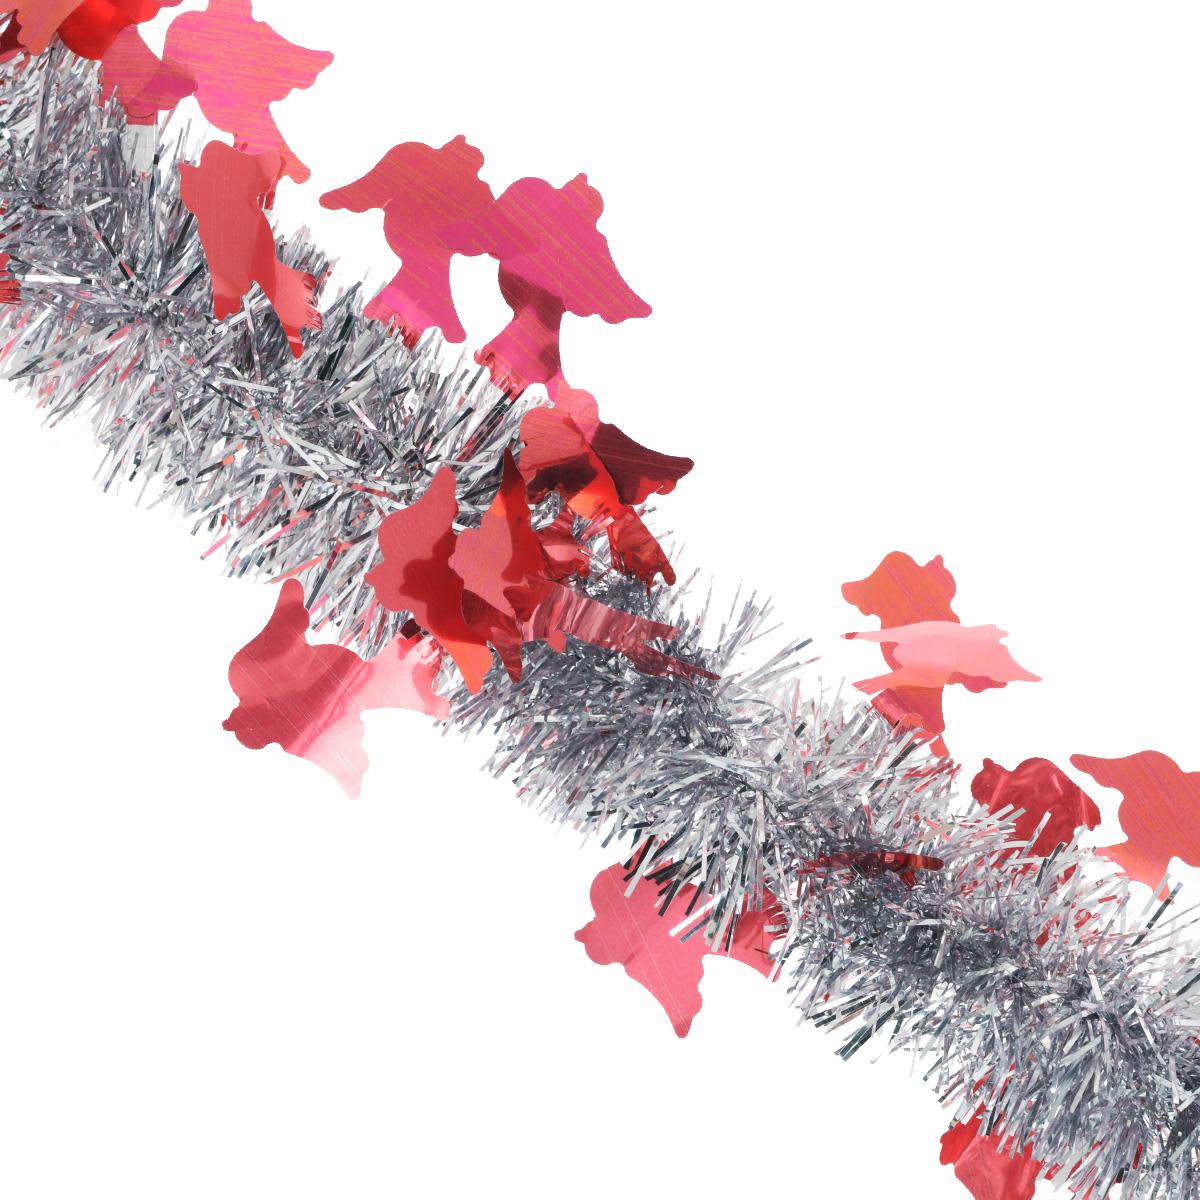 Мишура новогодняя Sima-land, цвет: серебристый, красный, диаметр 5 см, длина 2 м. 702618702618Мишура новогодняя Sima-land, выполненная из двухцветной фольги, поможет вам украсить свой дом к предстоящим праздникам. Мишура армирована, то есть имеет проволоку внутри и способна сохранять приданную ей форму. Новогодняя елка с таким украшением станет еще наряднее. Новогодней мишурой можно украсить все, что угодно - елку, квартиру, дачу, офис - как внутри, так и снаружи. Можно сложить новогодние поздравления, буквы и цифры, мишурой можно украсить и дополнить гирлянды, можно выделить дверные колонны, оплести дверные проемы. Коллекция декоративных украшений из серии Зимнее волшебство принесет в ваш дом ни с чем несравнимое ощущение праздника! Создайте в своем доме атмосферу тепла, веселья и радости, украшая его всей семьей.